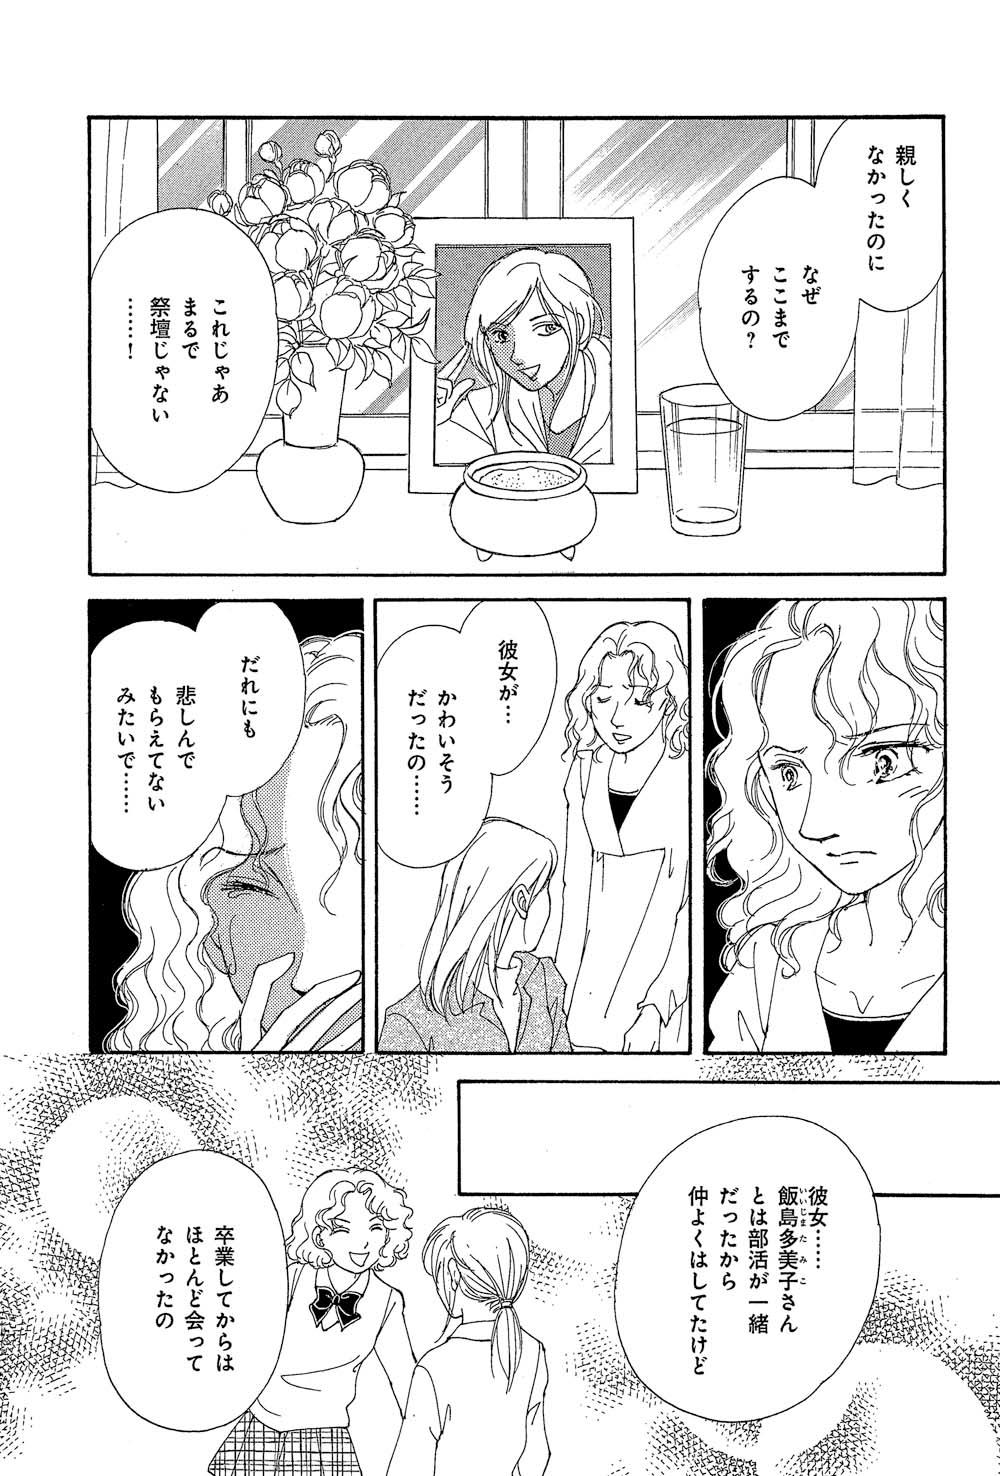 邪念の神殿_011.jpg